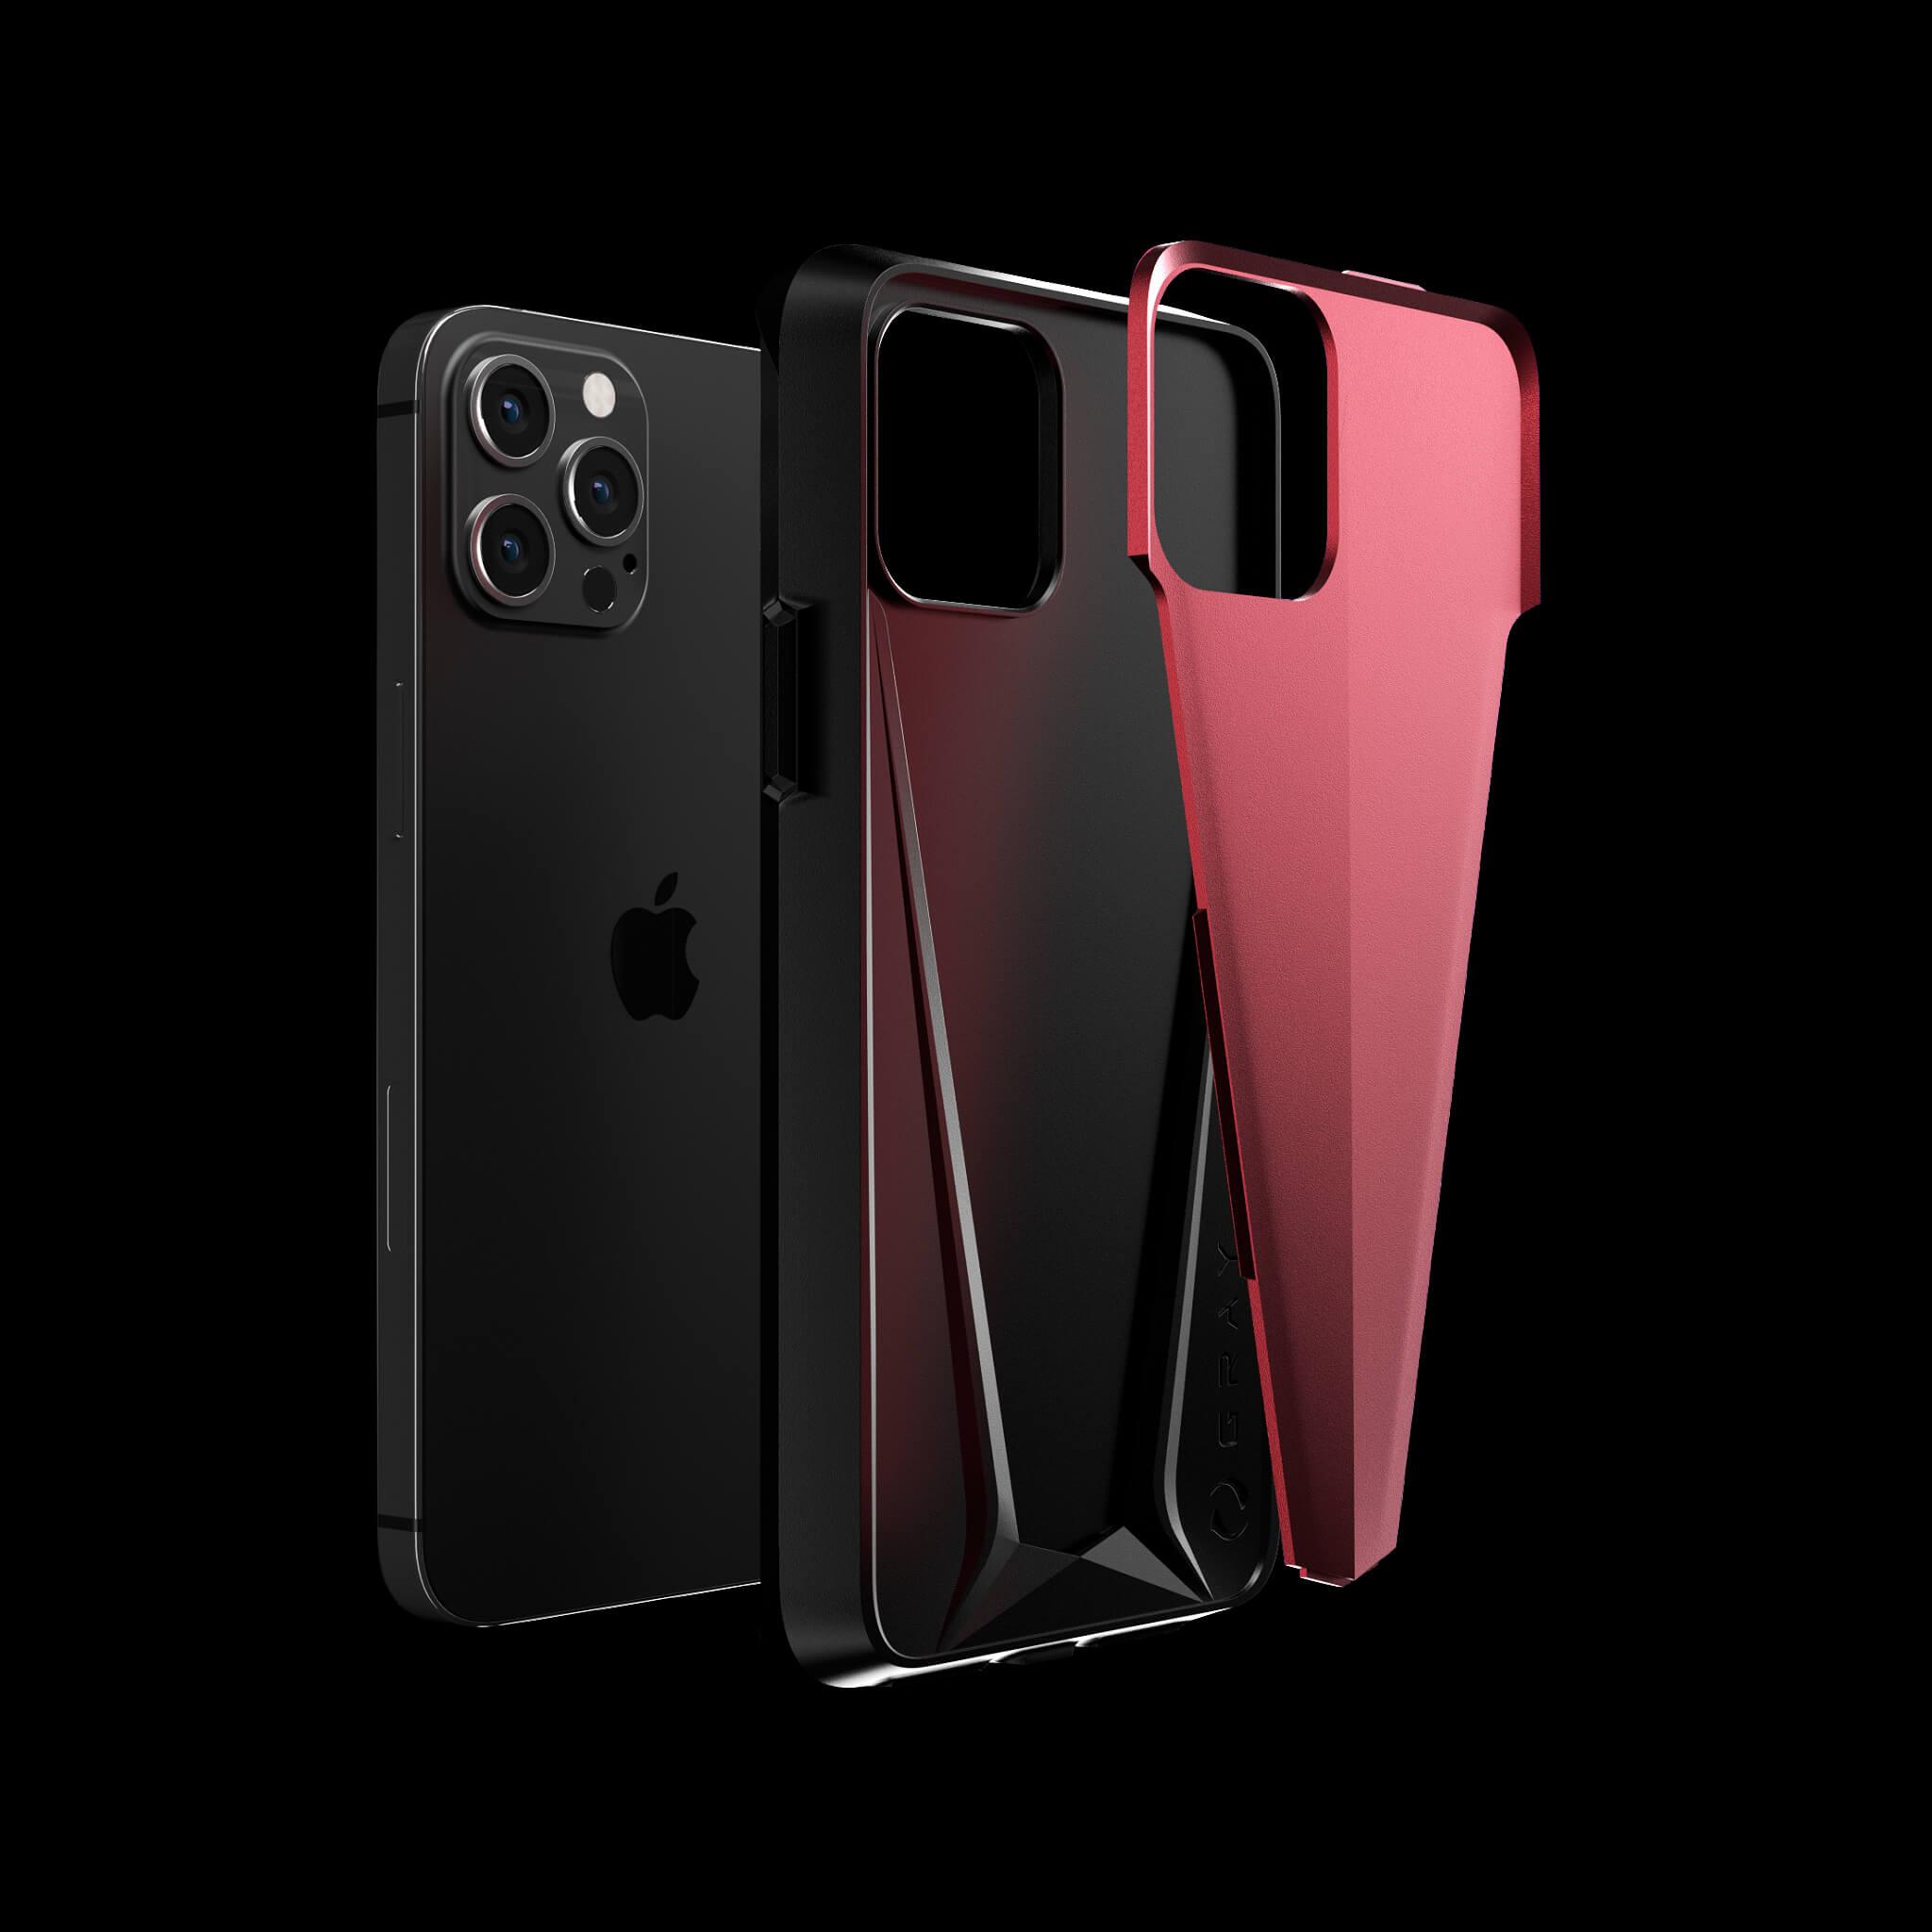 morpheus pulsar red aluminium metal luxury iPhone 12 pro case